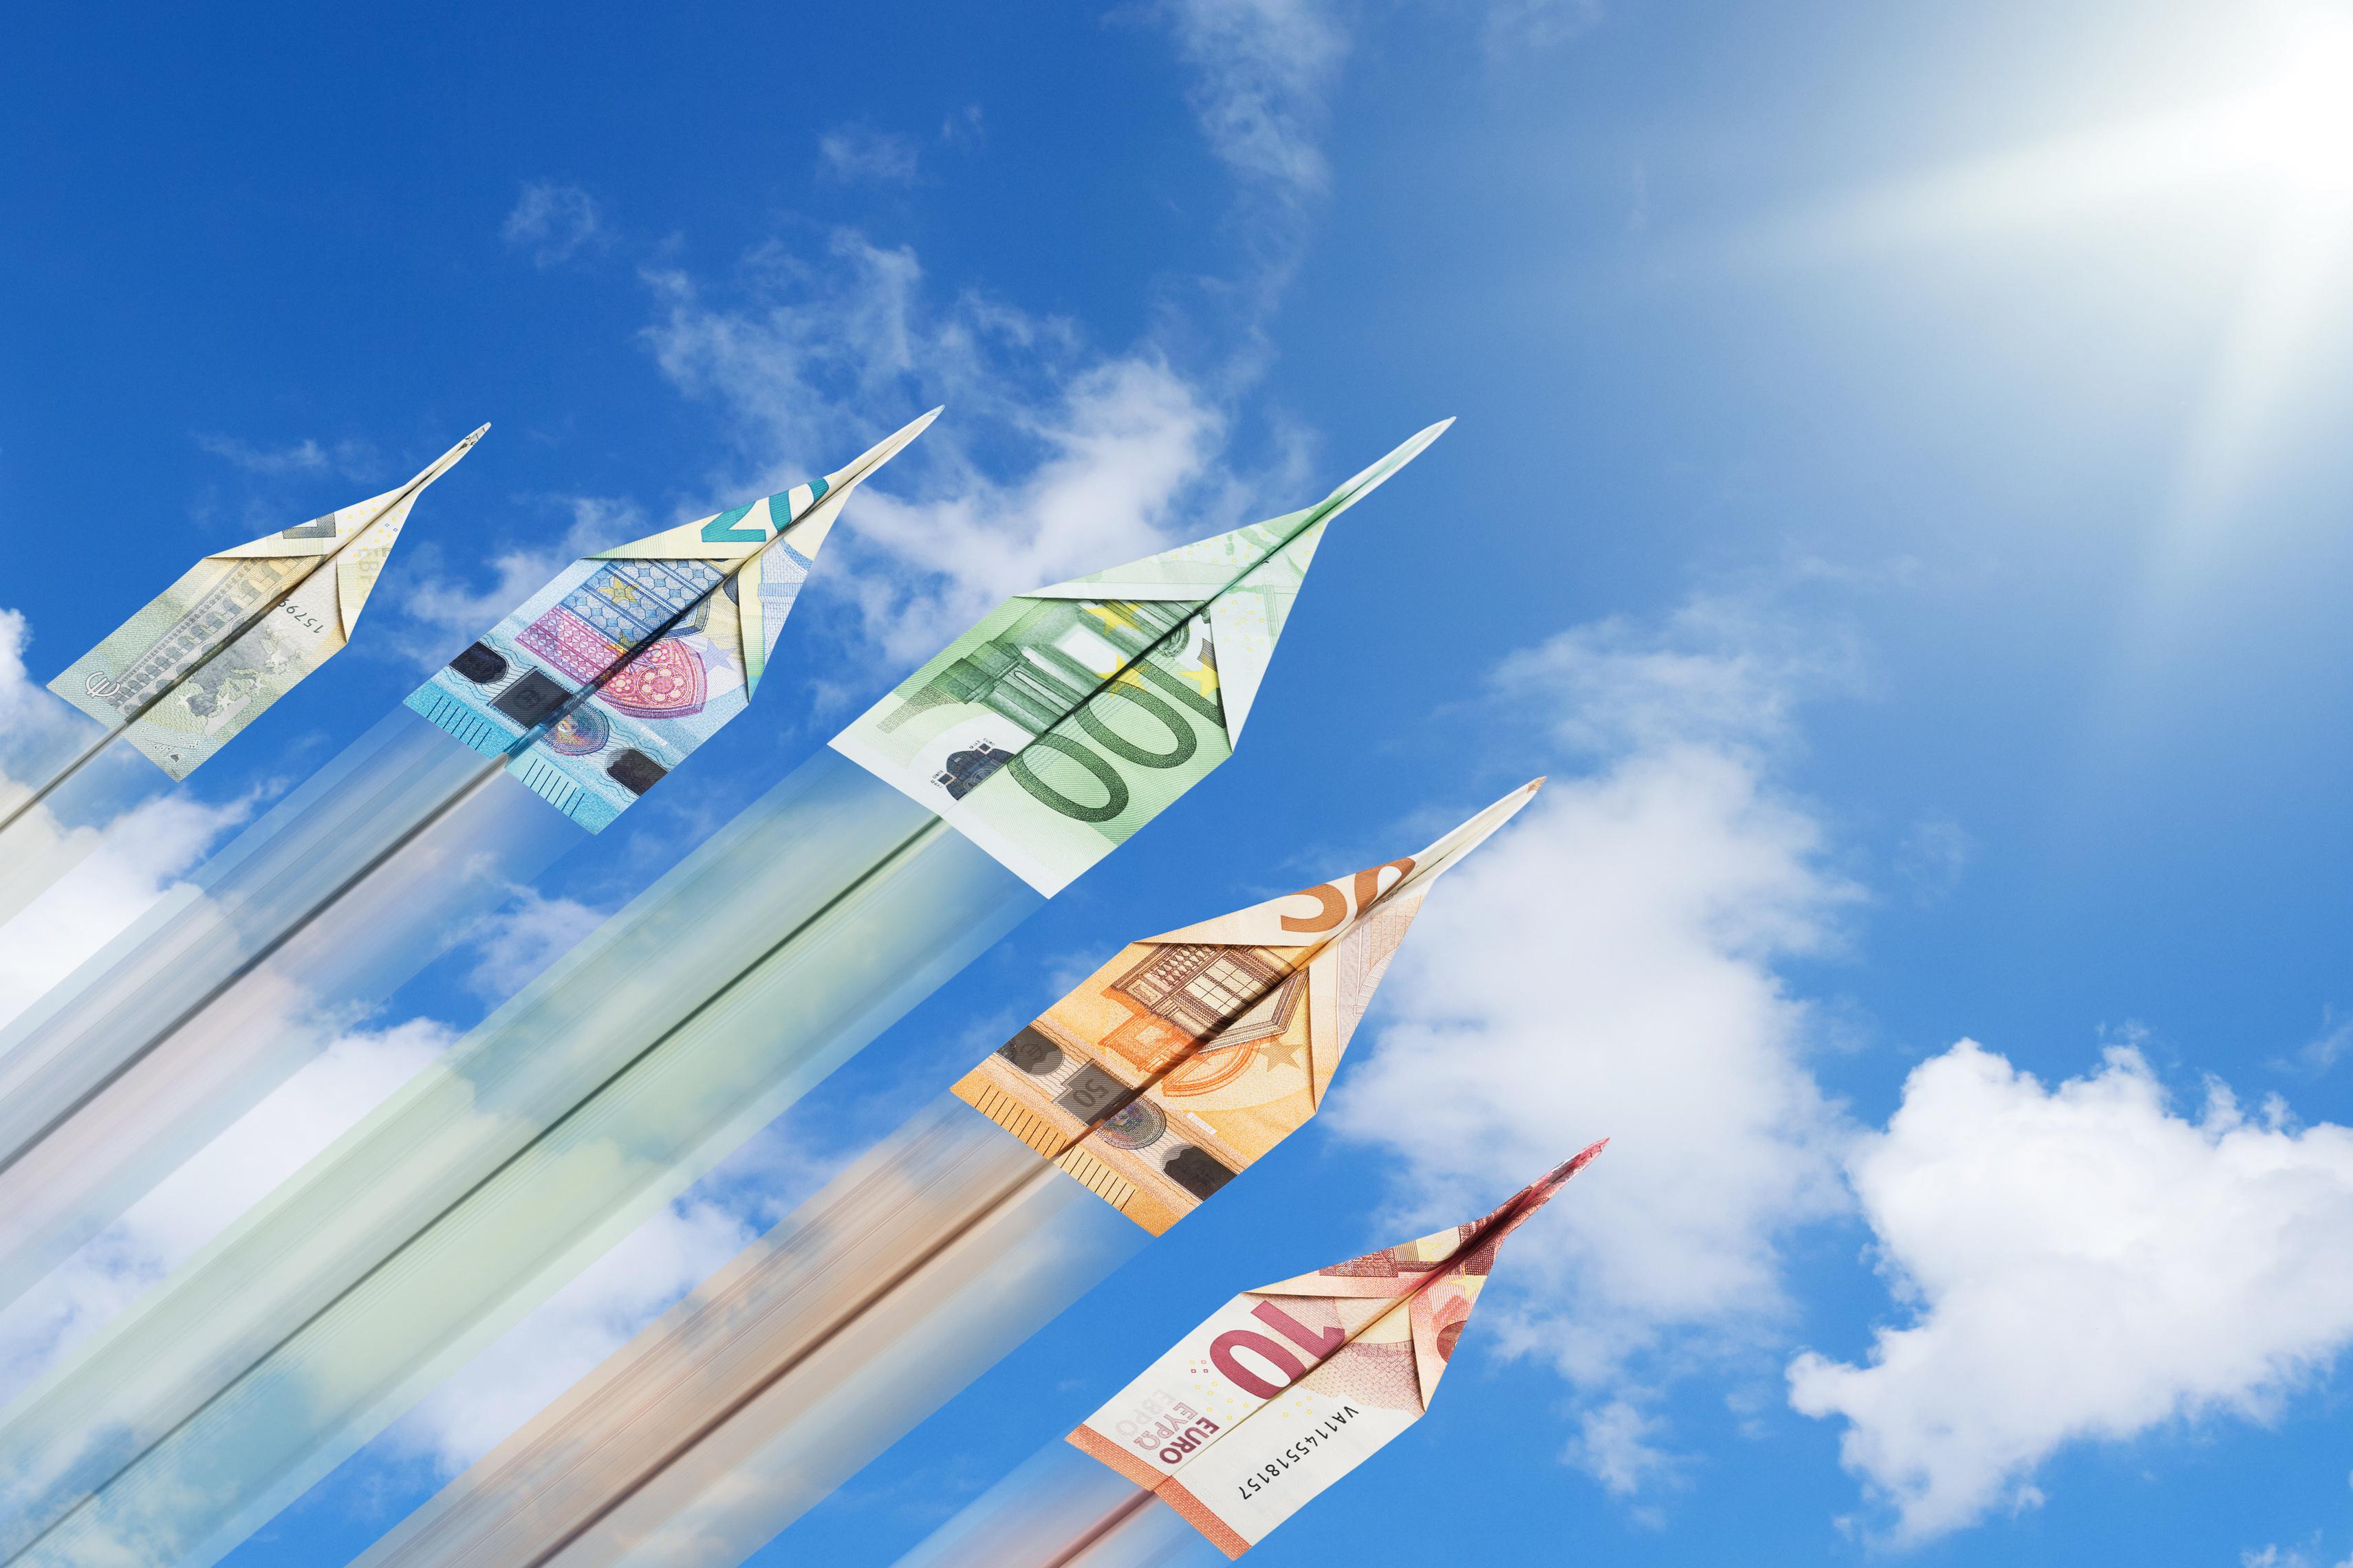 Abbildung zeigt Papierflieger aus Geldscheinen